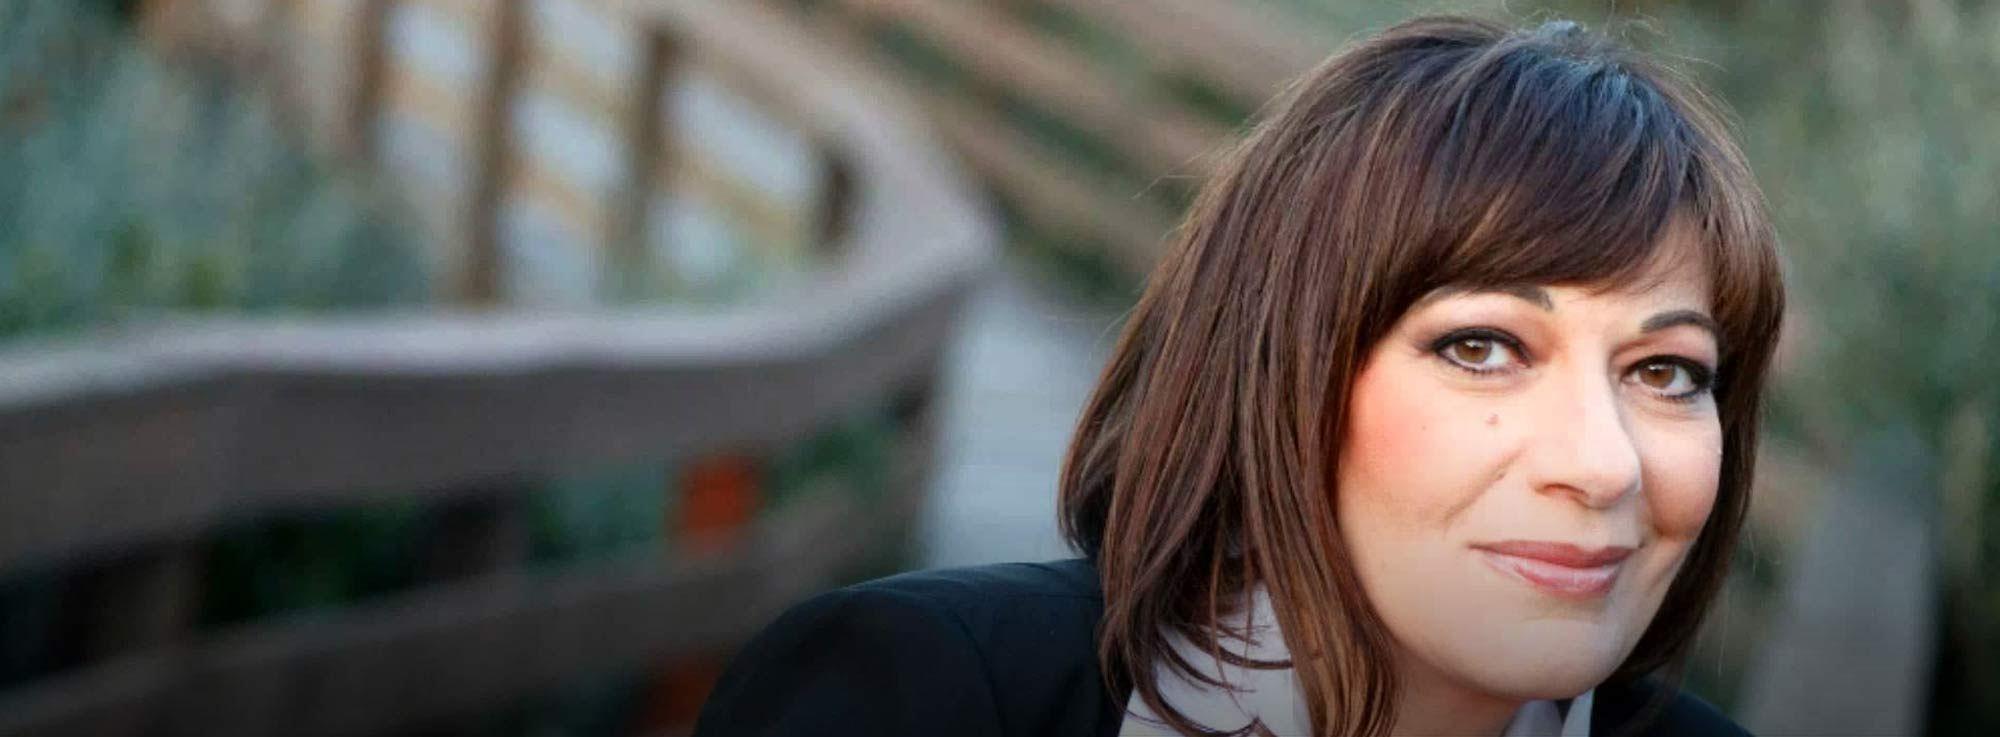 Martina Franca: Epoca - Mariella Nava